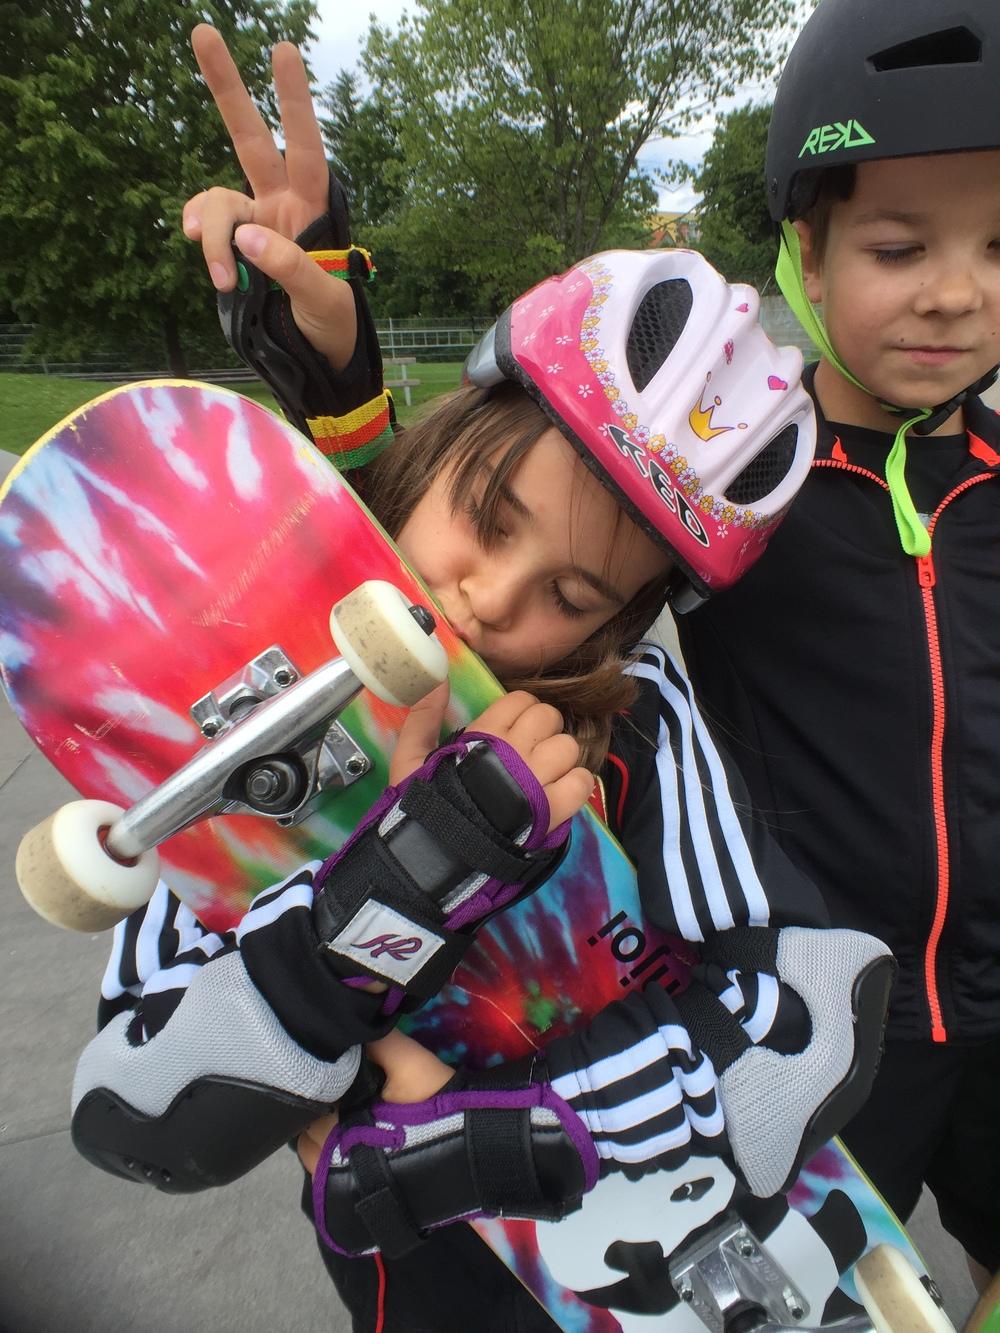 Skatekurs Pullach Skatepark München Skateworkshop TomCatSkate.com JPG.JPG